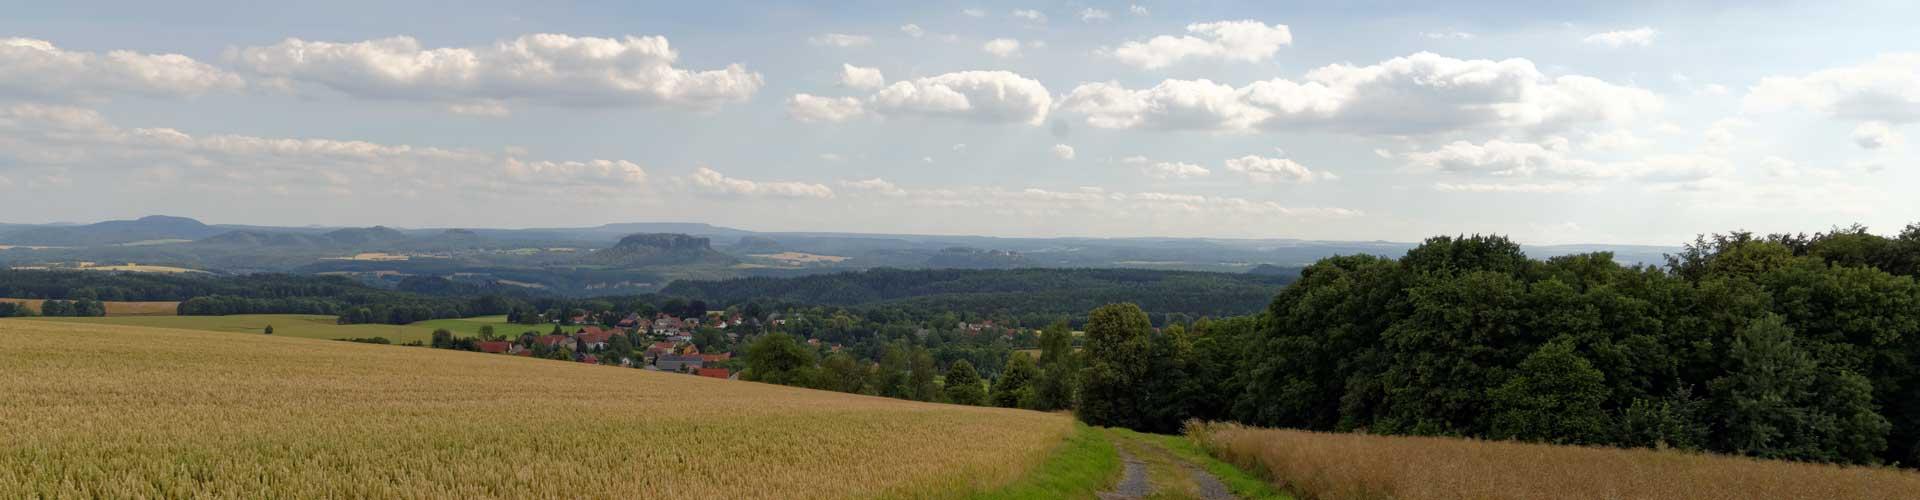 Blick auf Rathewalde